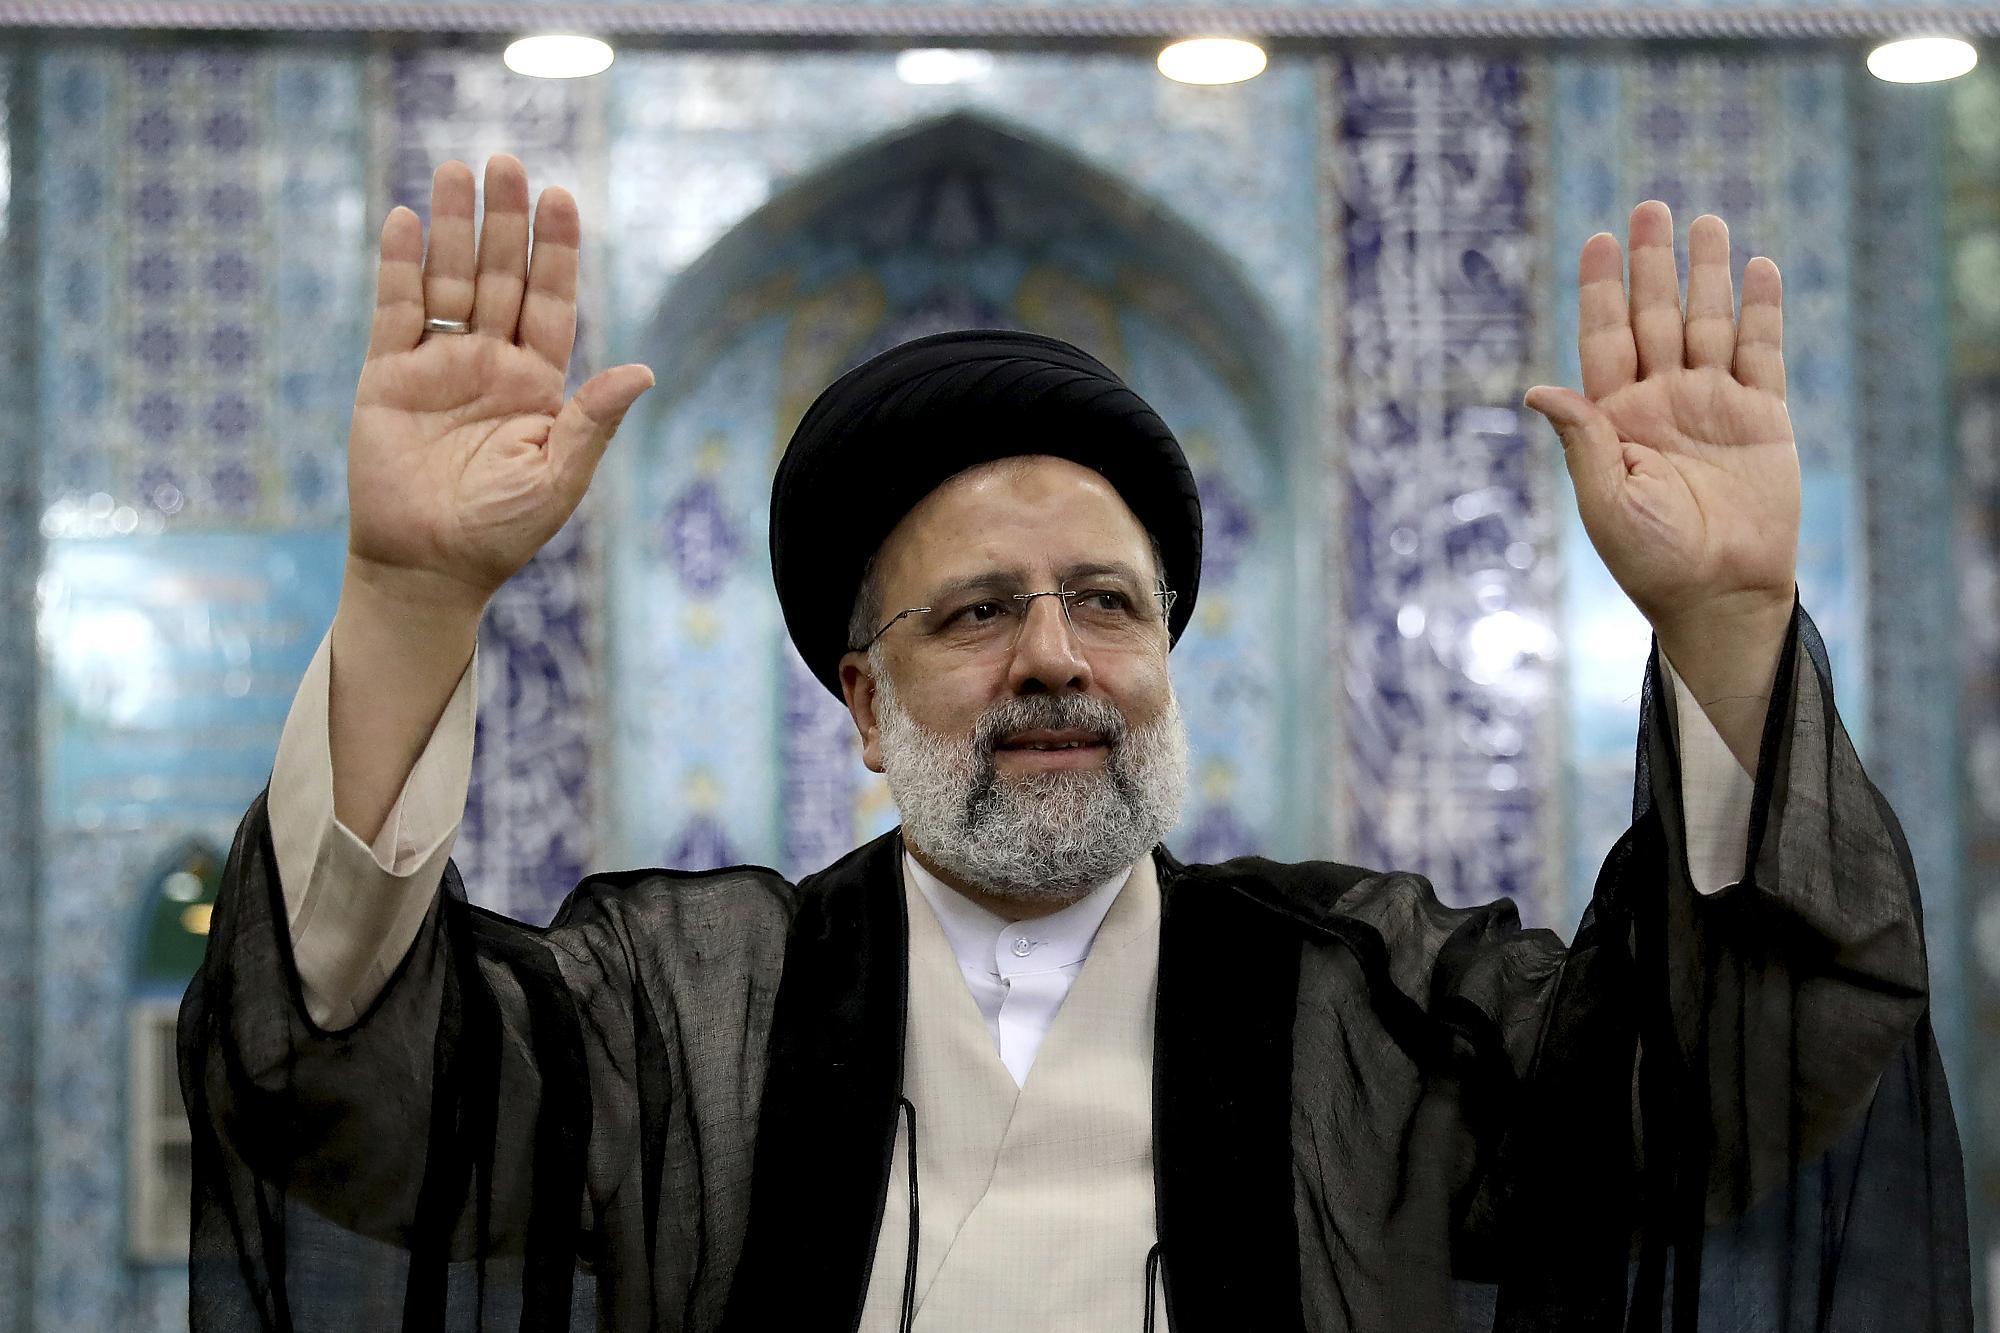 الرئيس الإيراني على المفاوضات أن تنتهي برفع الحظر عن شعبنا